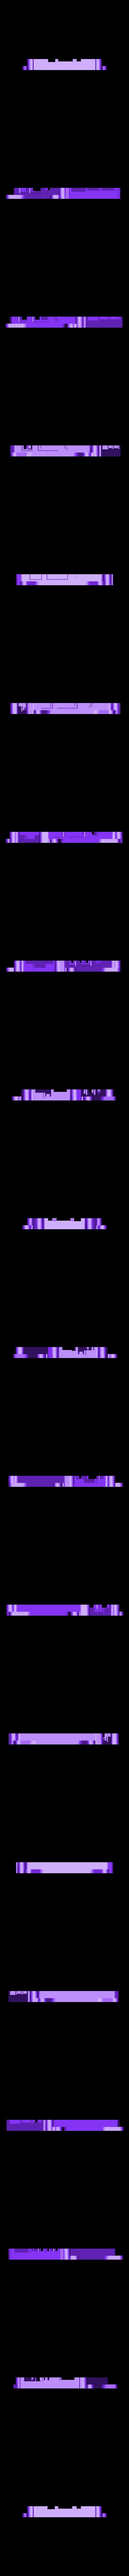 hitman_rpc_bottom.STL Download free STL file Hitman Raspberry Pi 3 Pi 2 VESA 75mm Case • Object to 3D print, sneaks